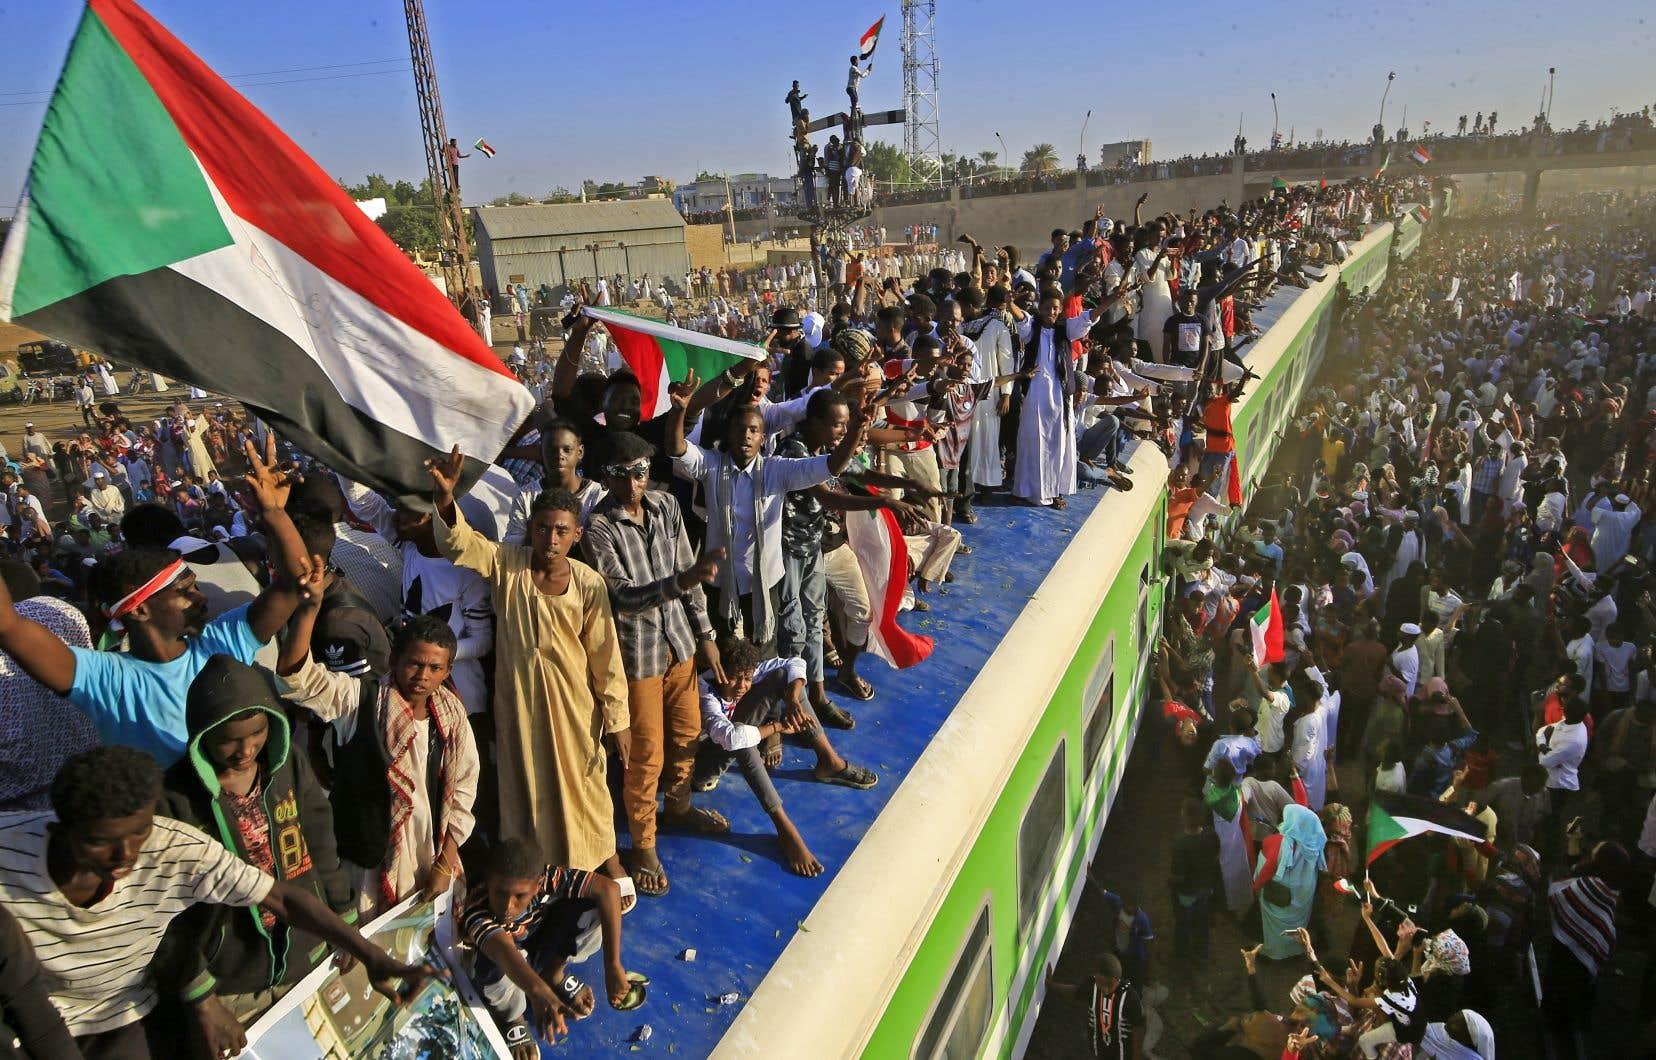 «Nous sommes des révolutionnaires, nous terminerons notre mission», ont scandé les manifestants.